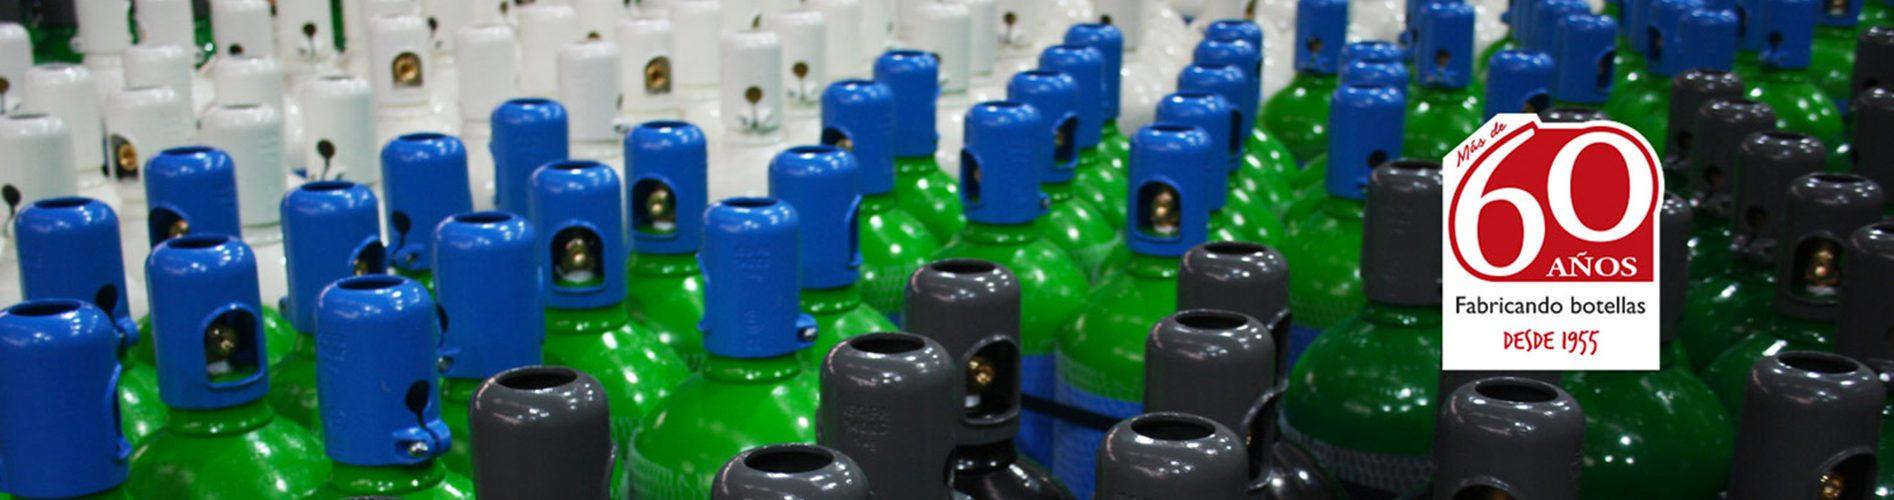 Bouchon de fermeture bouteilles industrielles syc cylinders 60 ans